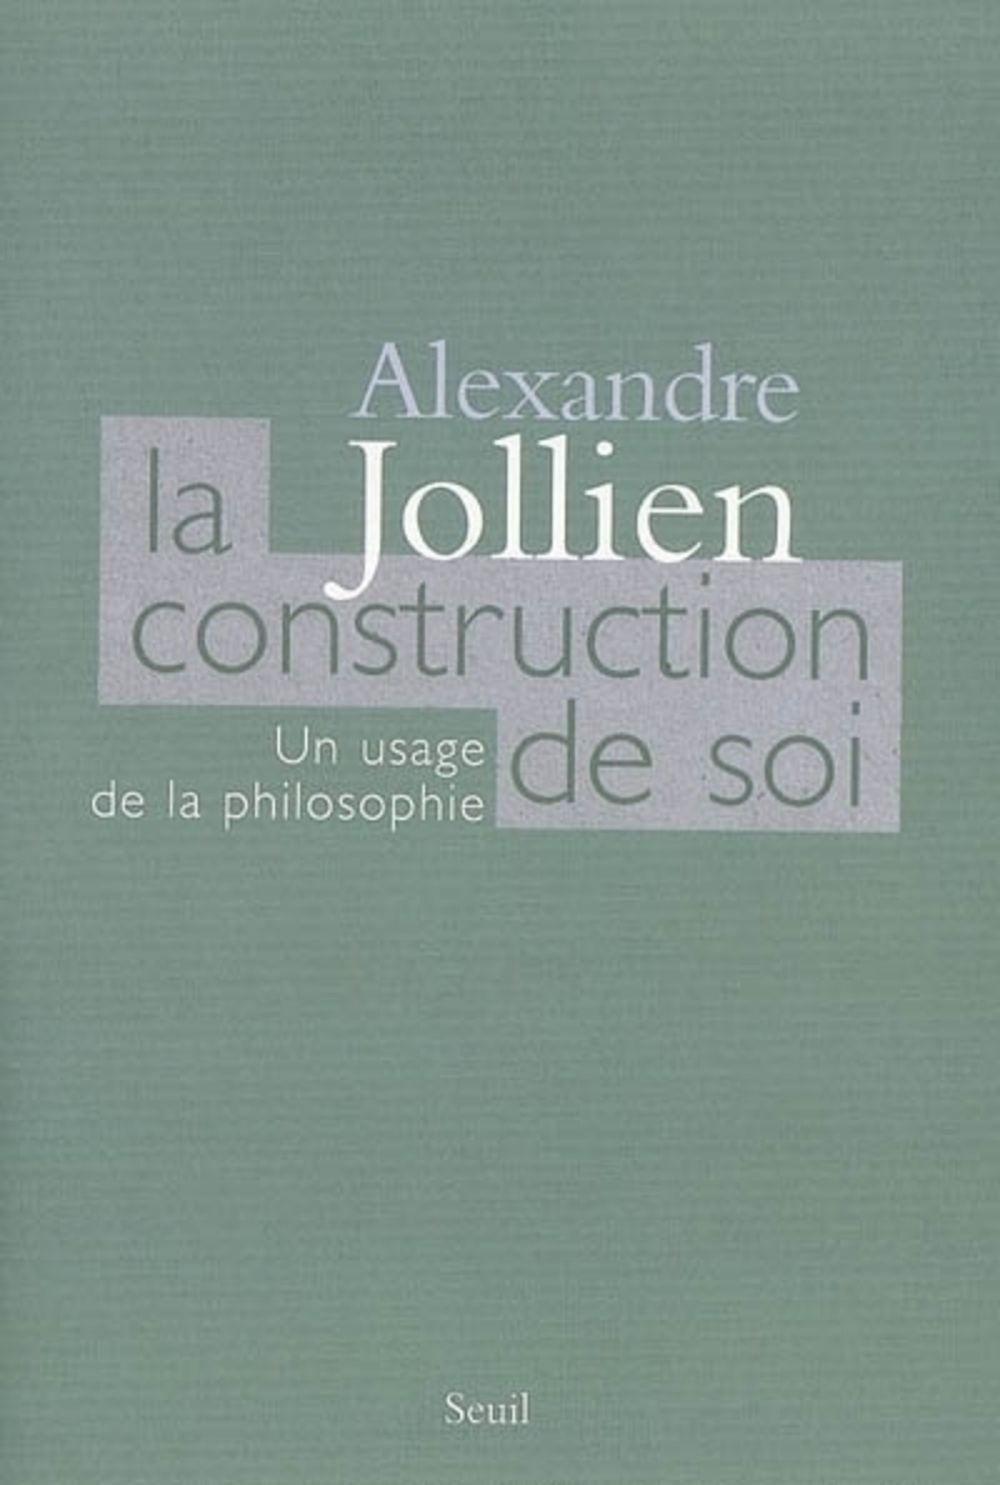 La Construction de soi. Un usage de la philosophie | Jollien, Alexandre (1975-....). Auteur